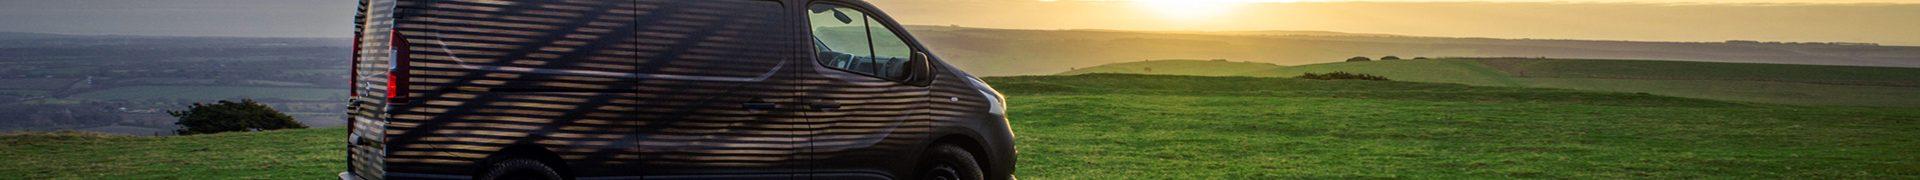 Ремонт автобусов, фургонов и грузовиков Nissan